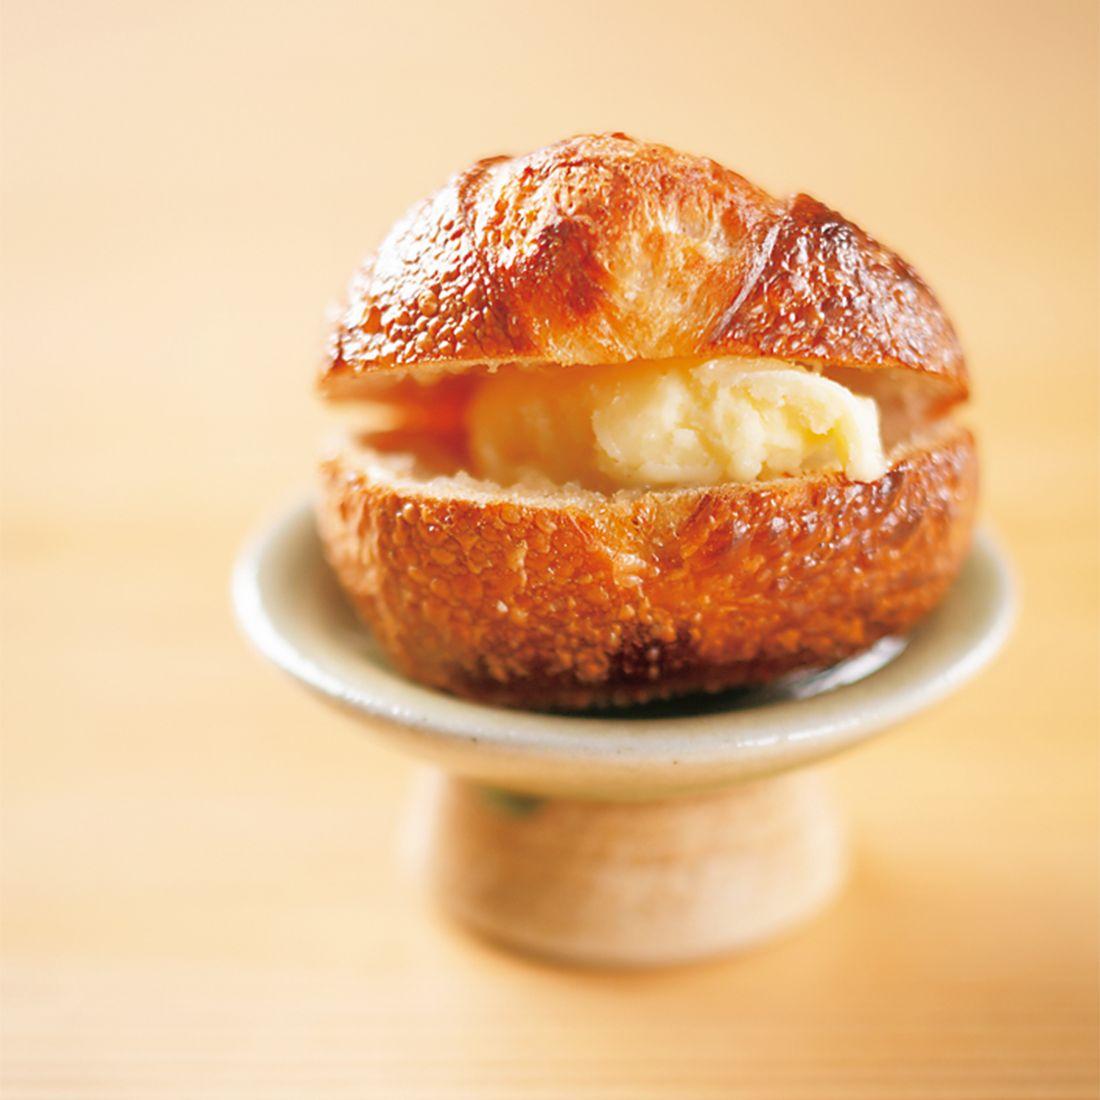 北海道から届く生クリームを振って作るバターとその乳清を使ったパン。